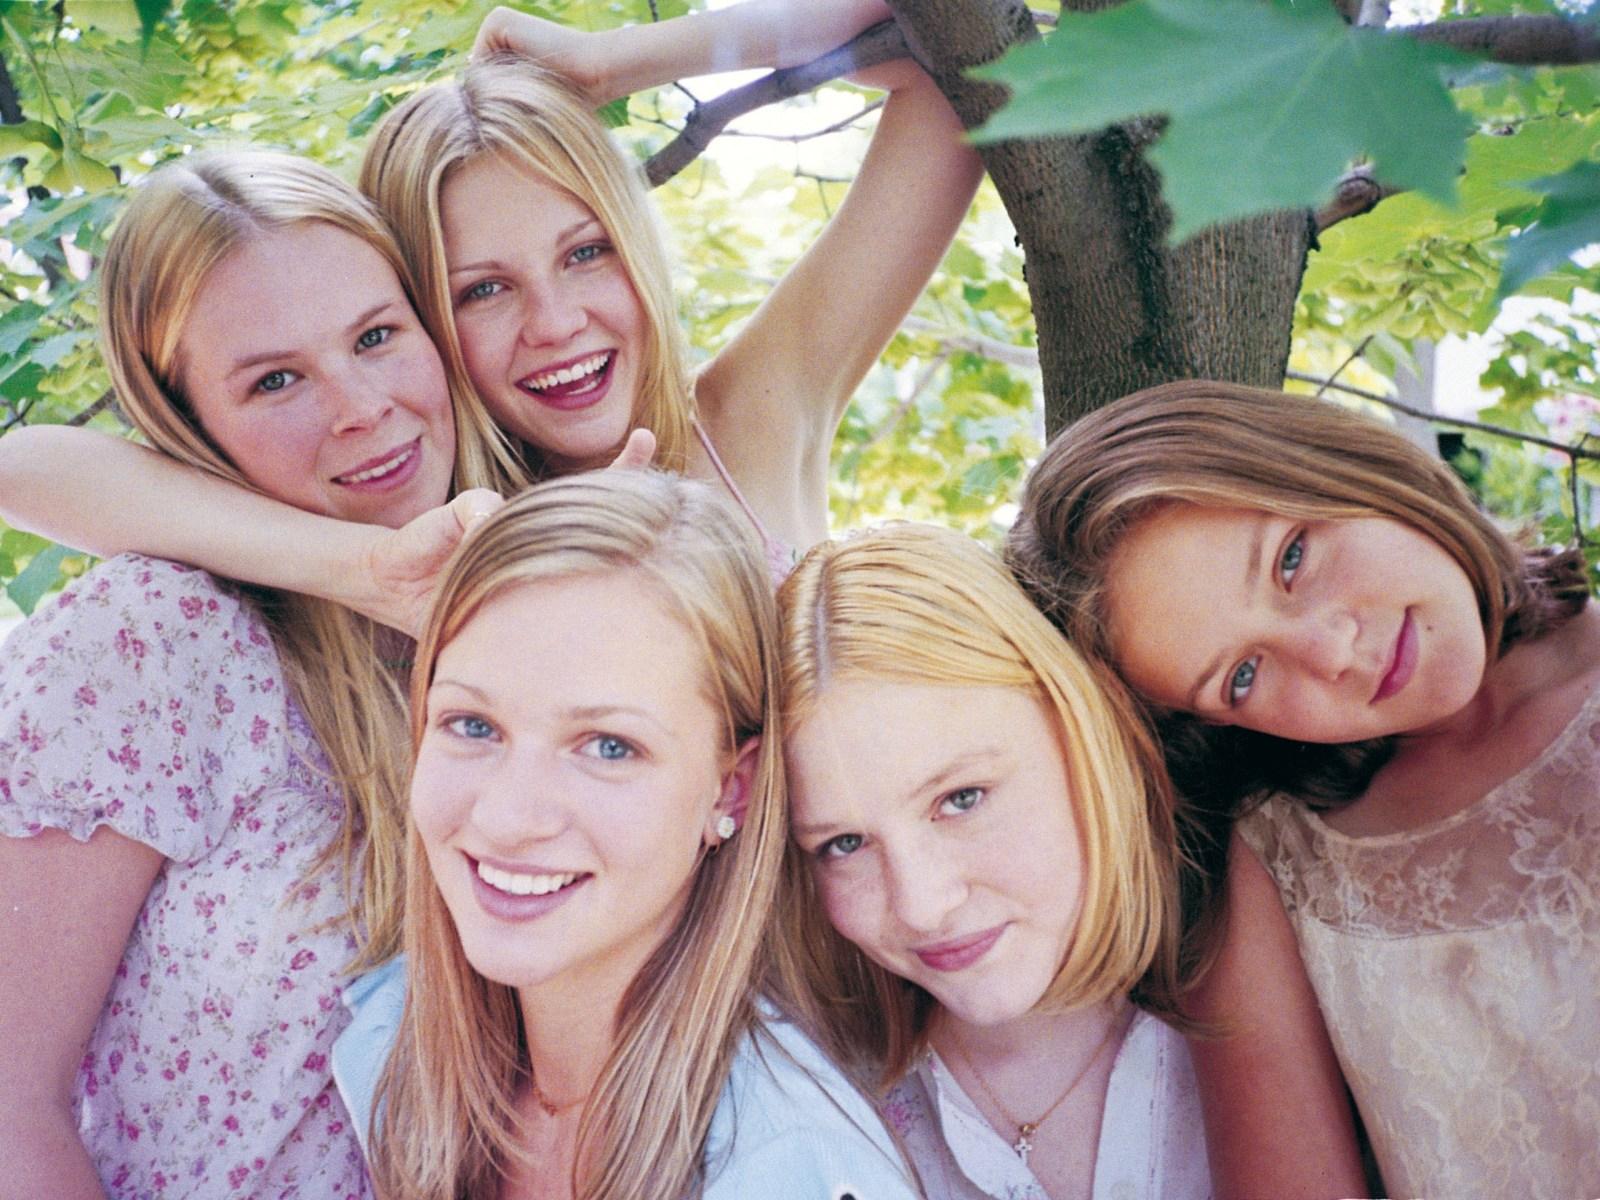 Русская девочка кончает онлайн смотреть 26 фотография